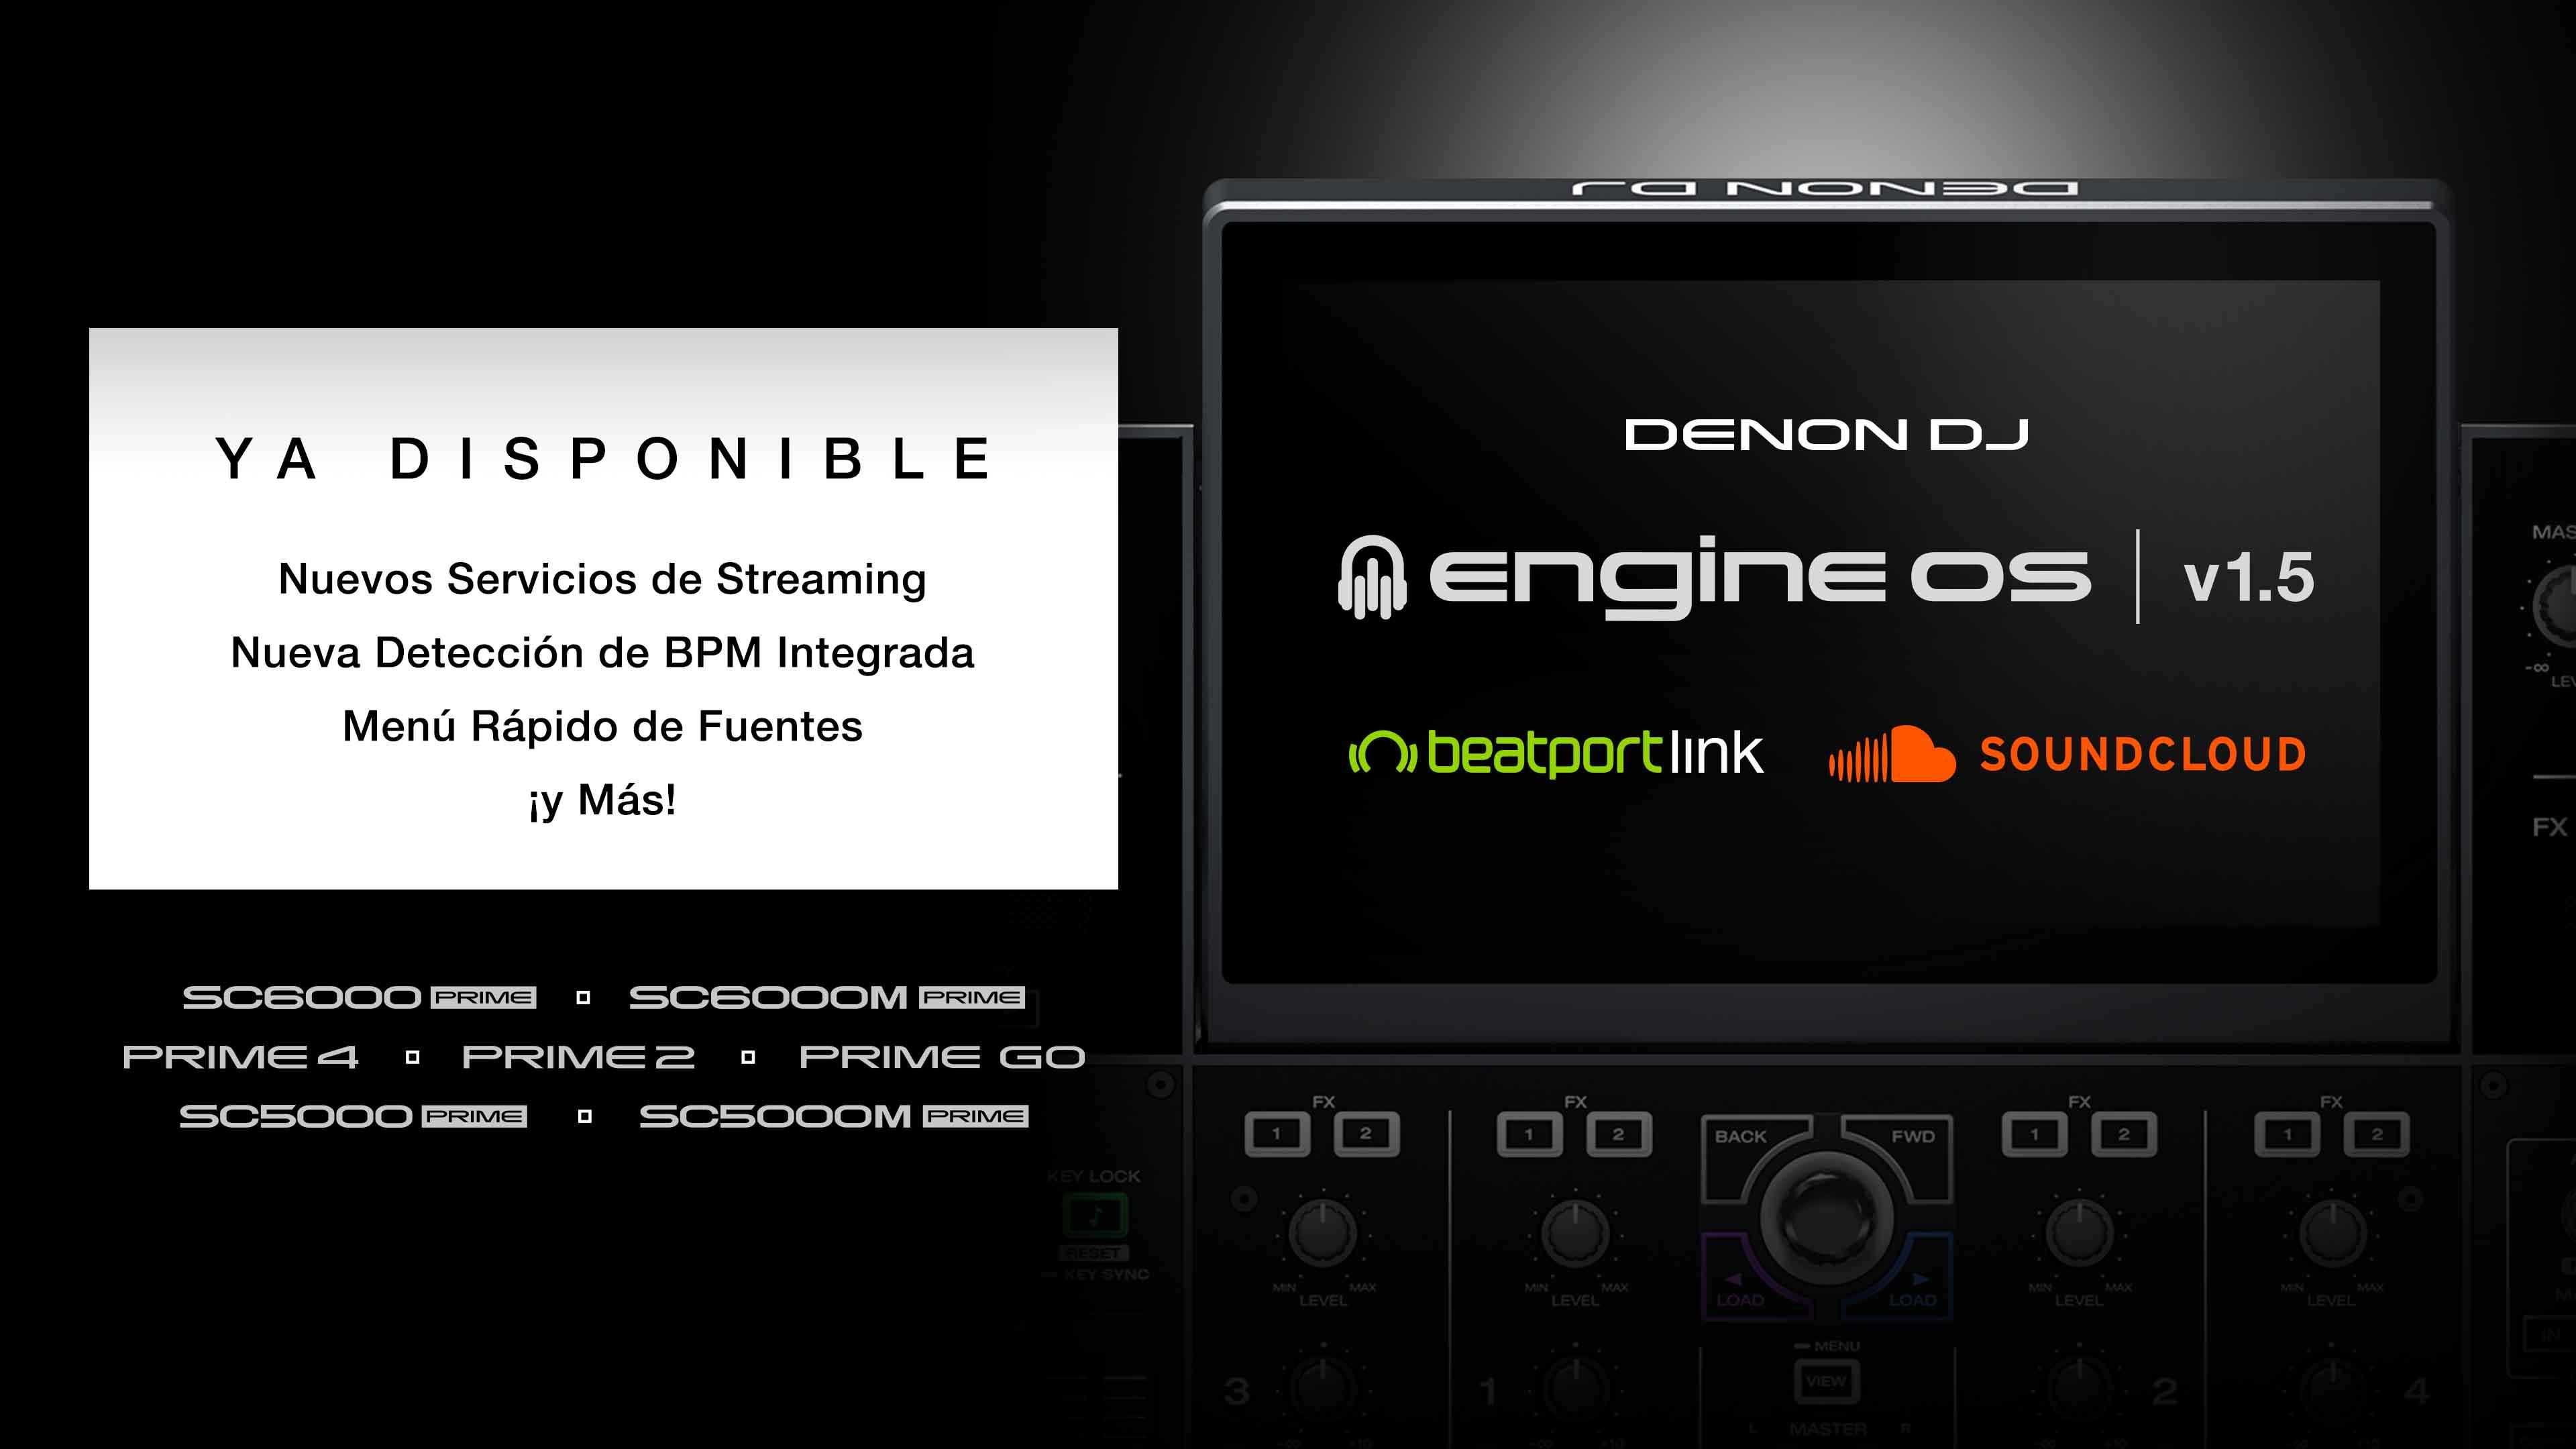 ENGINE® DJ incorpora los servicios de streaming SOUNDCLOUD GO+ y BEATPORT LINK a todos los productos Denon DJ con  ENGINE OS